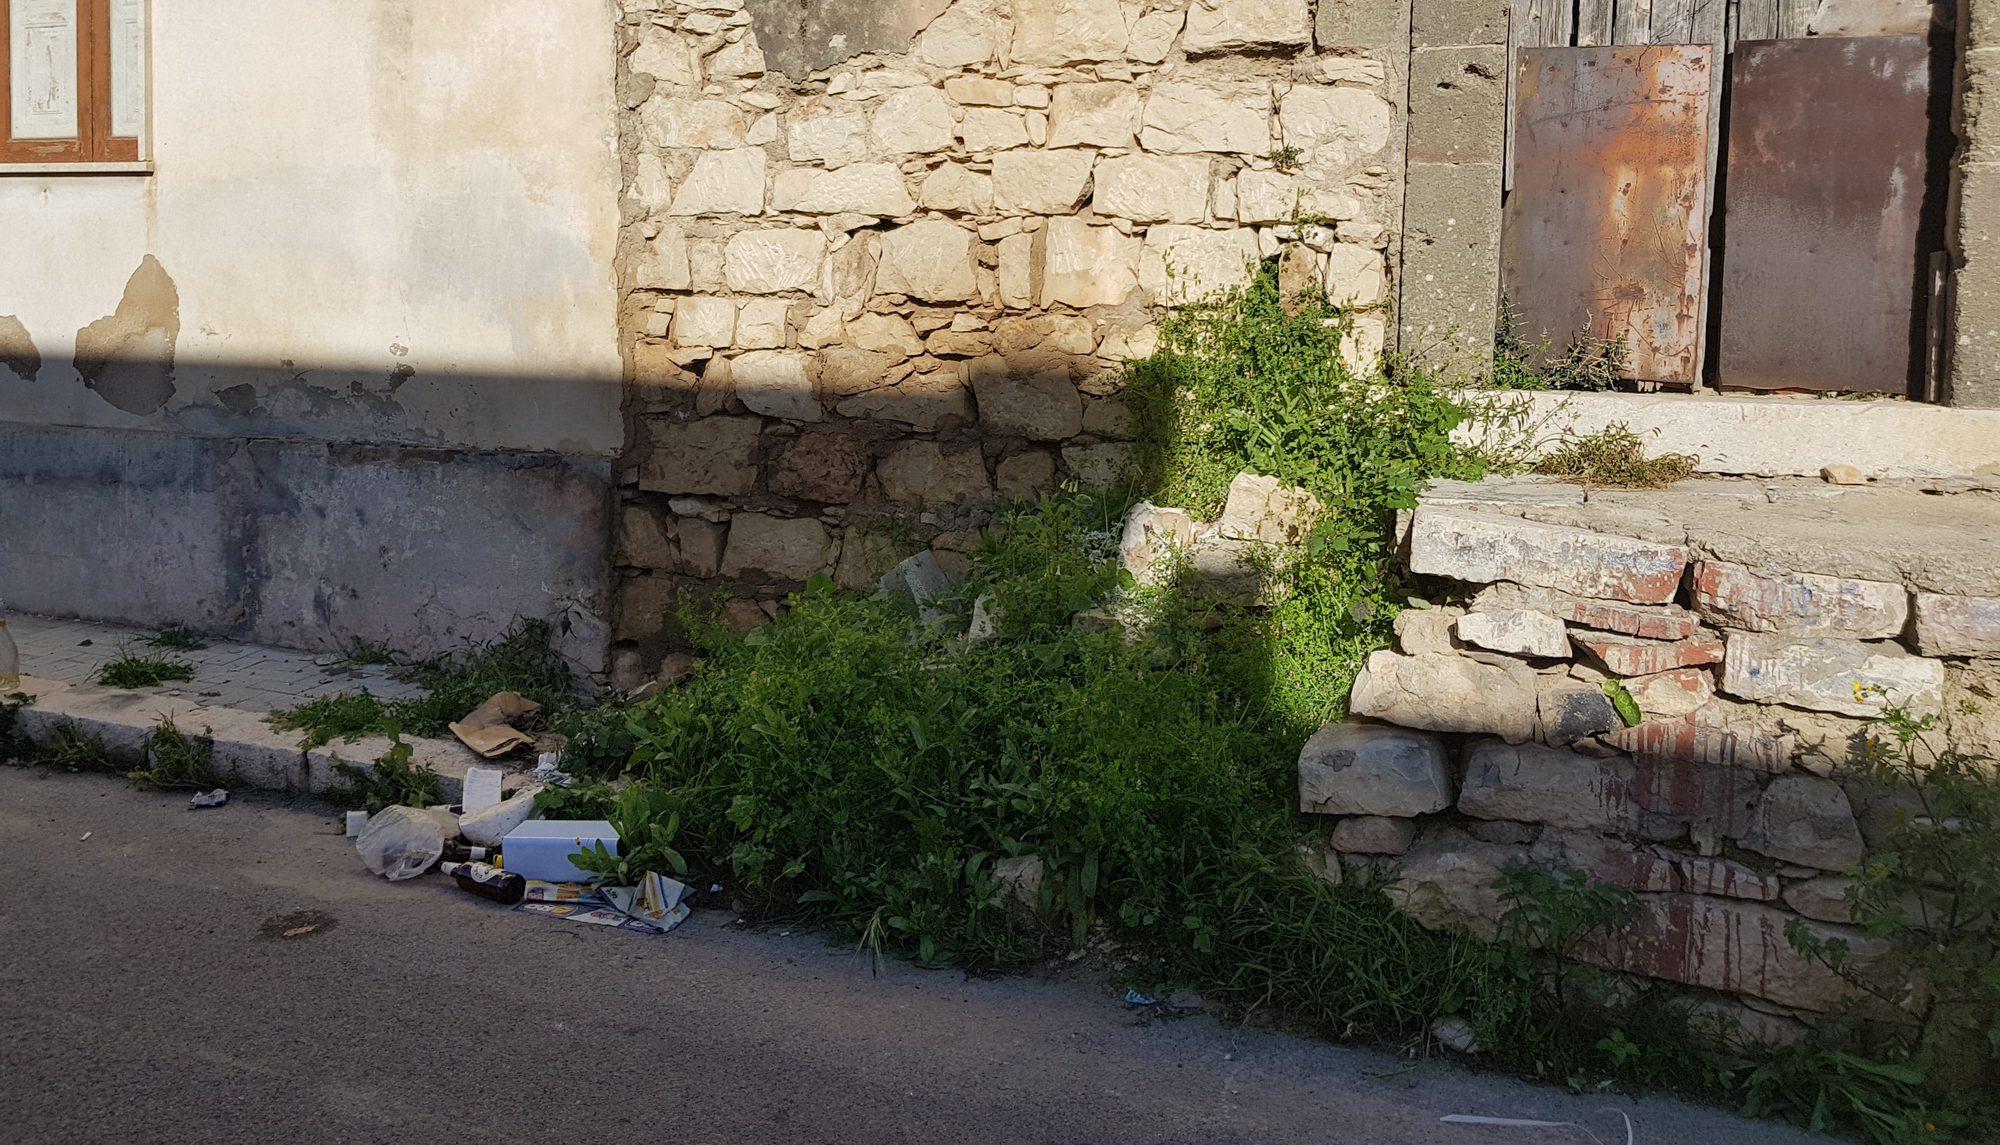 Ruderi abbandonati e case pericolanti: un colpo basso all'immagine del paese